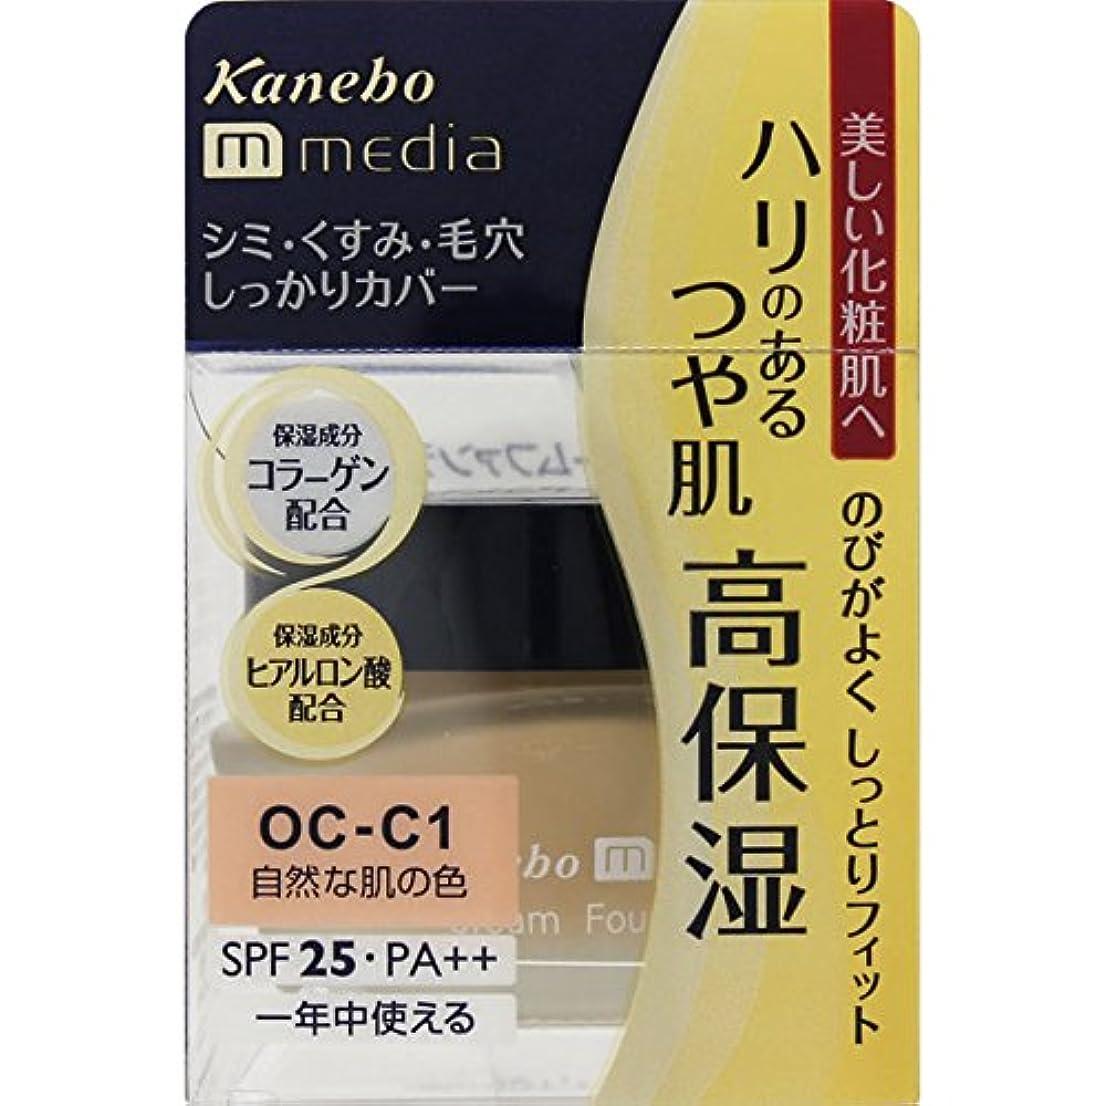 容器デジタル真実カネボウ media(メディア) クリームファンデーション OC-C1(自然な肌の色)